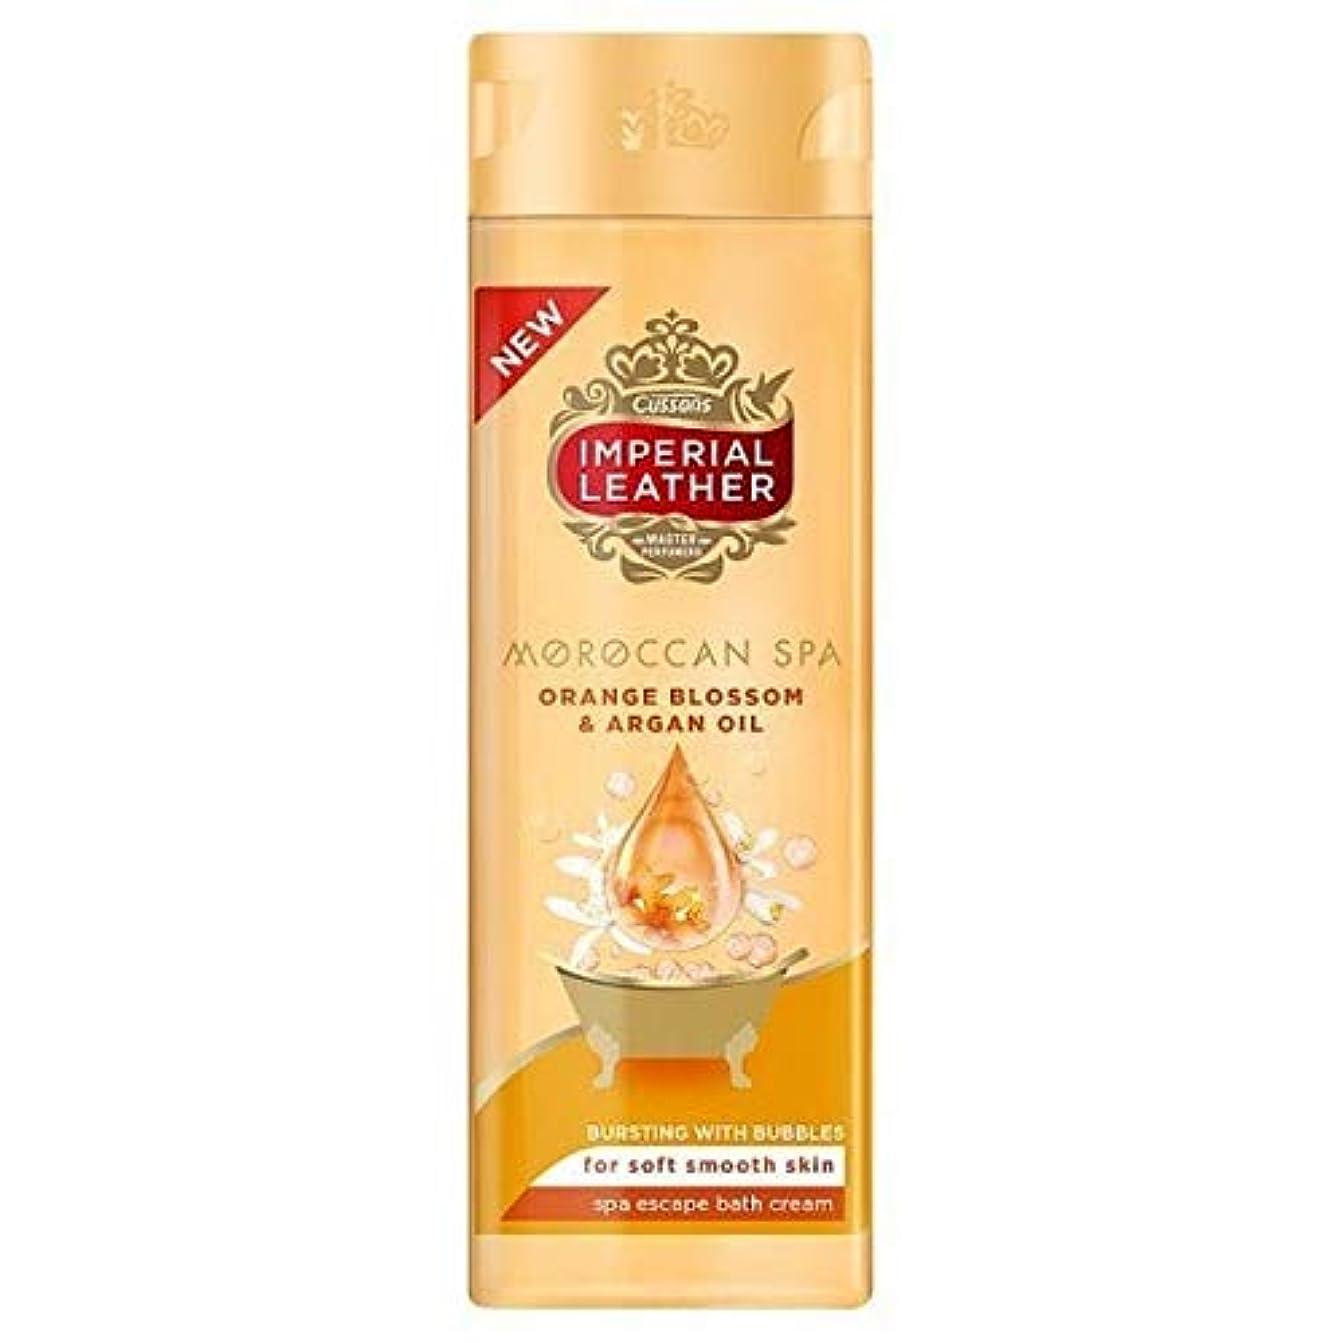 ホームレスふさわしいワイド[Imperial Leather ] 帝国革モロッコスパバスクリーム500ミリリットル - Imperial Leather Moroccan Spa Bath Cream 500ml [並行輸入品]